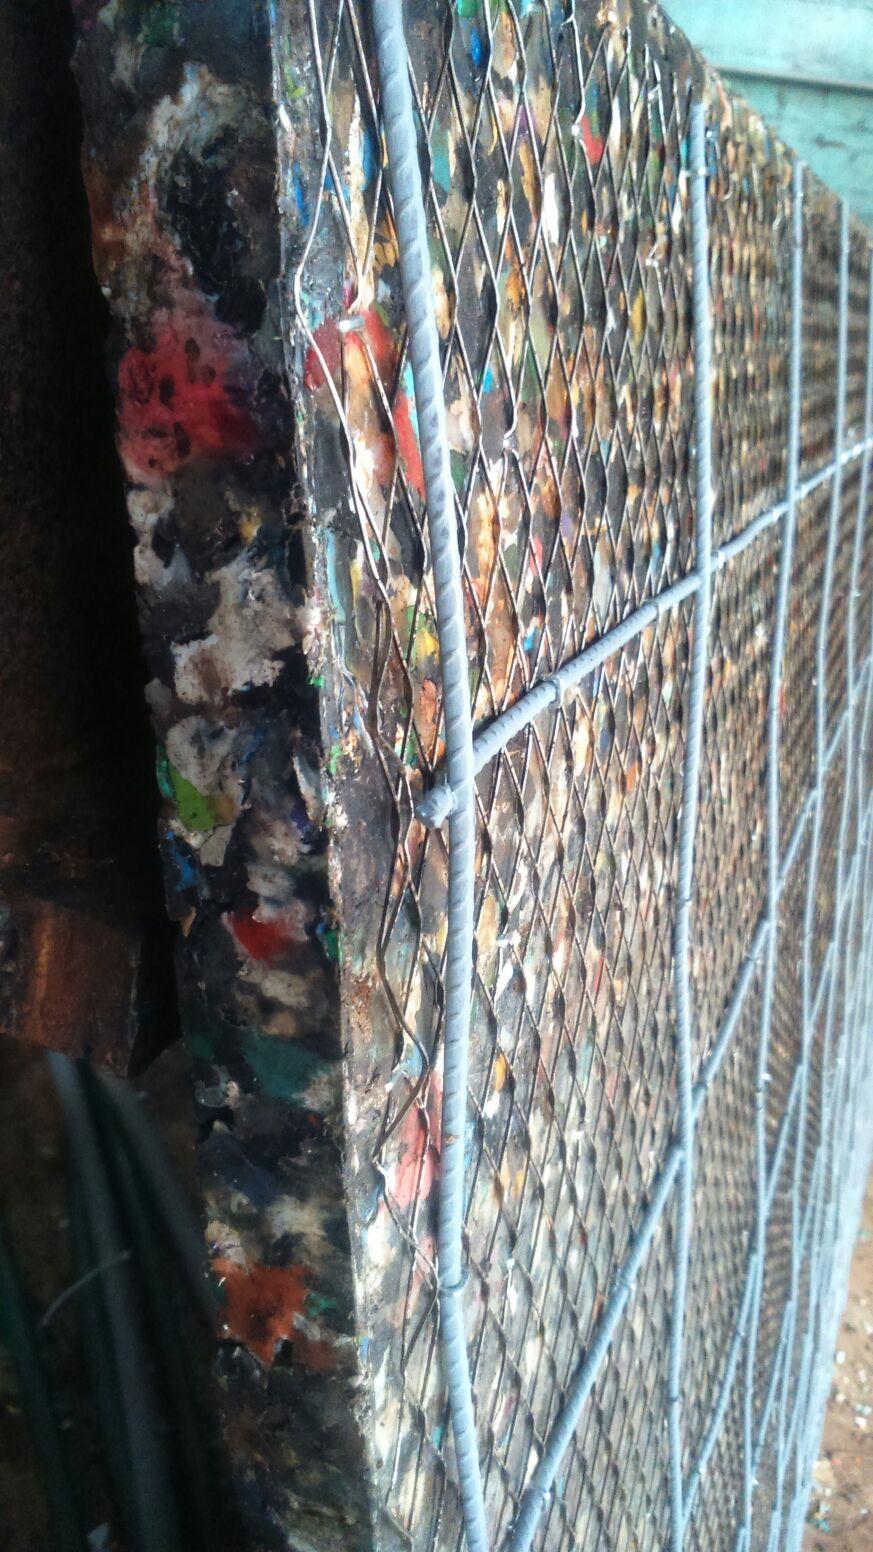 Mexico plastic EcoDomum